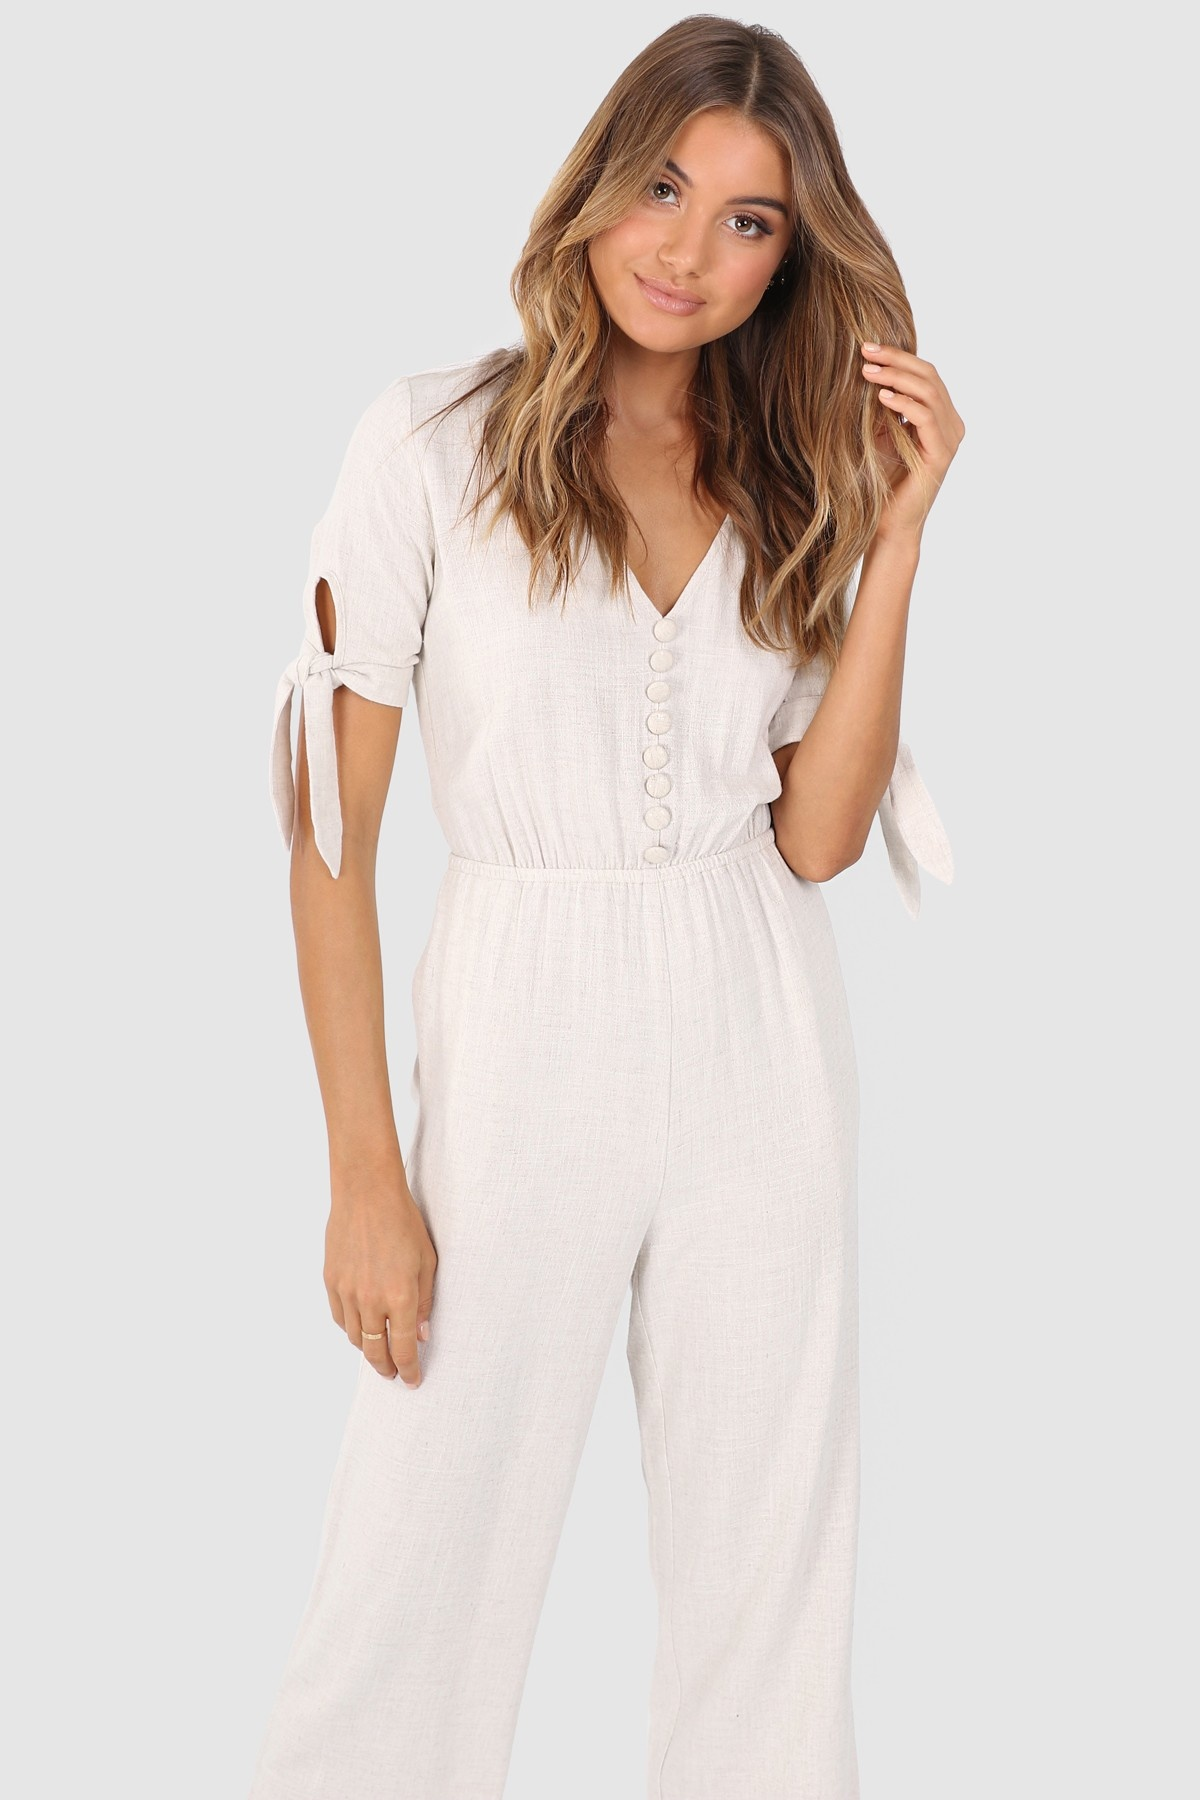 Emerge Linen Jumpsuit Online | Shop EziBuy